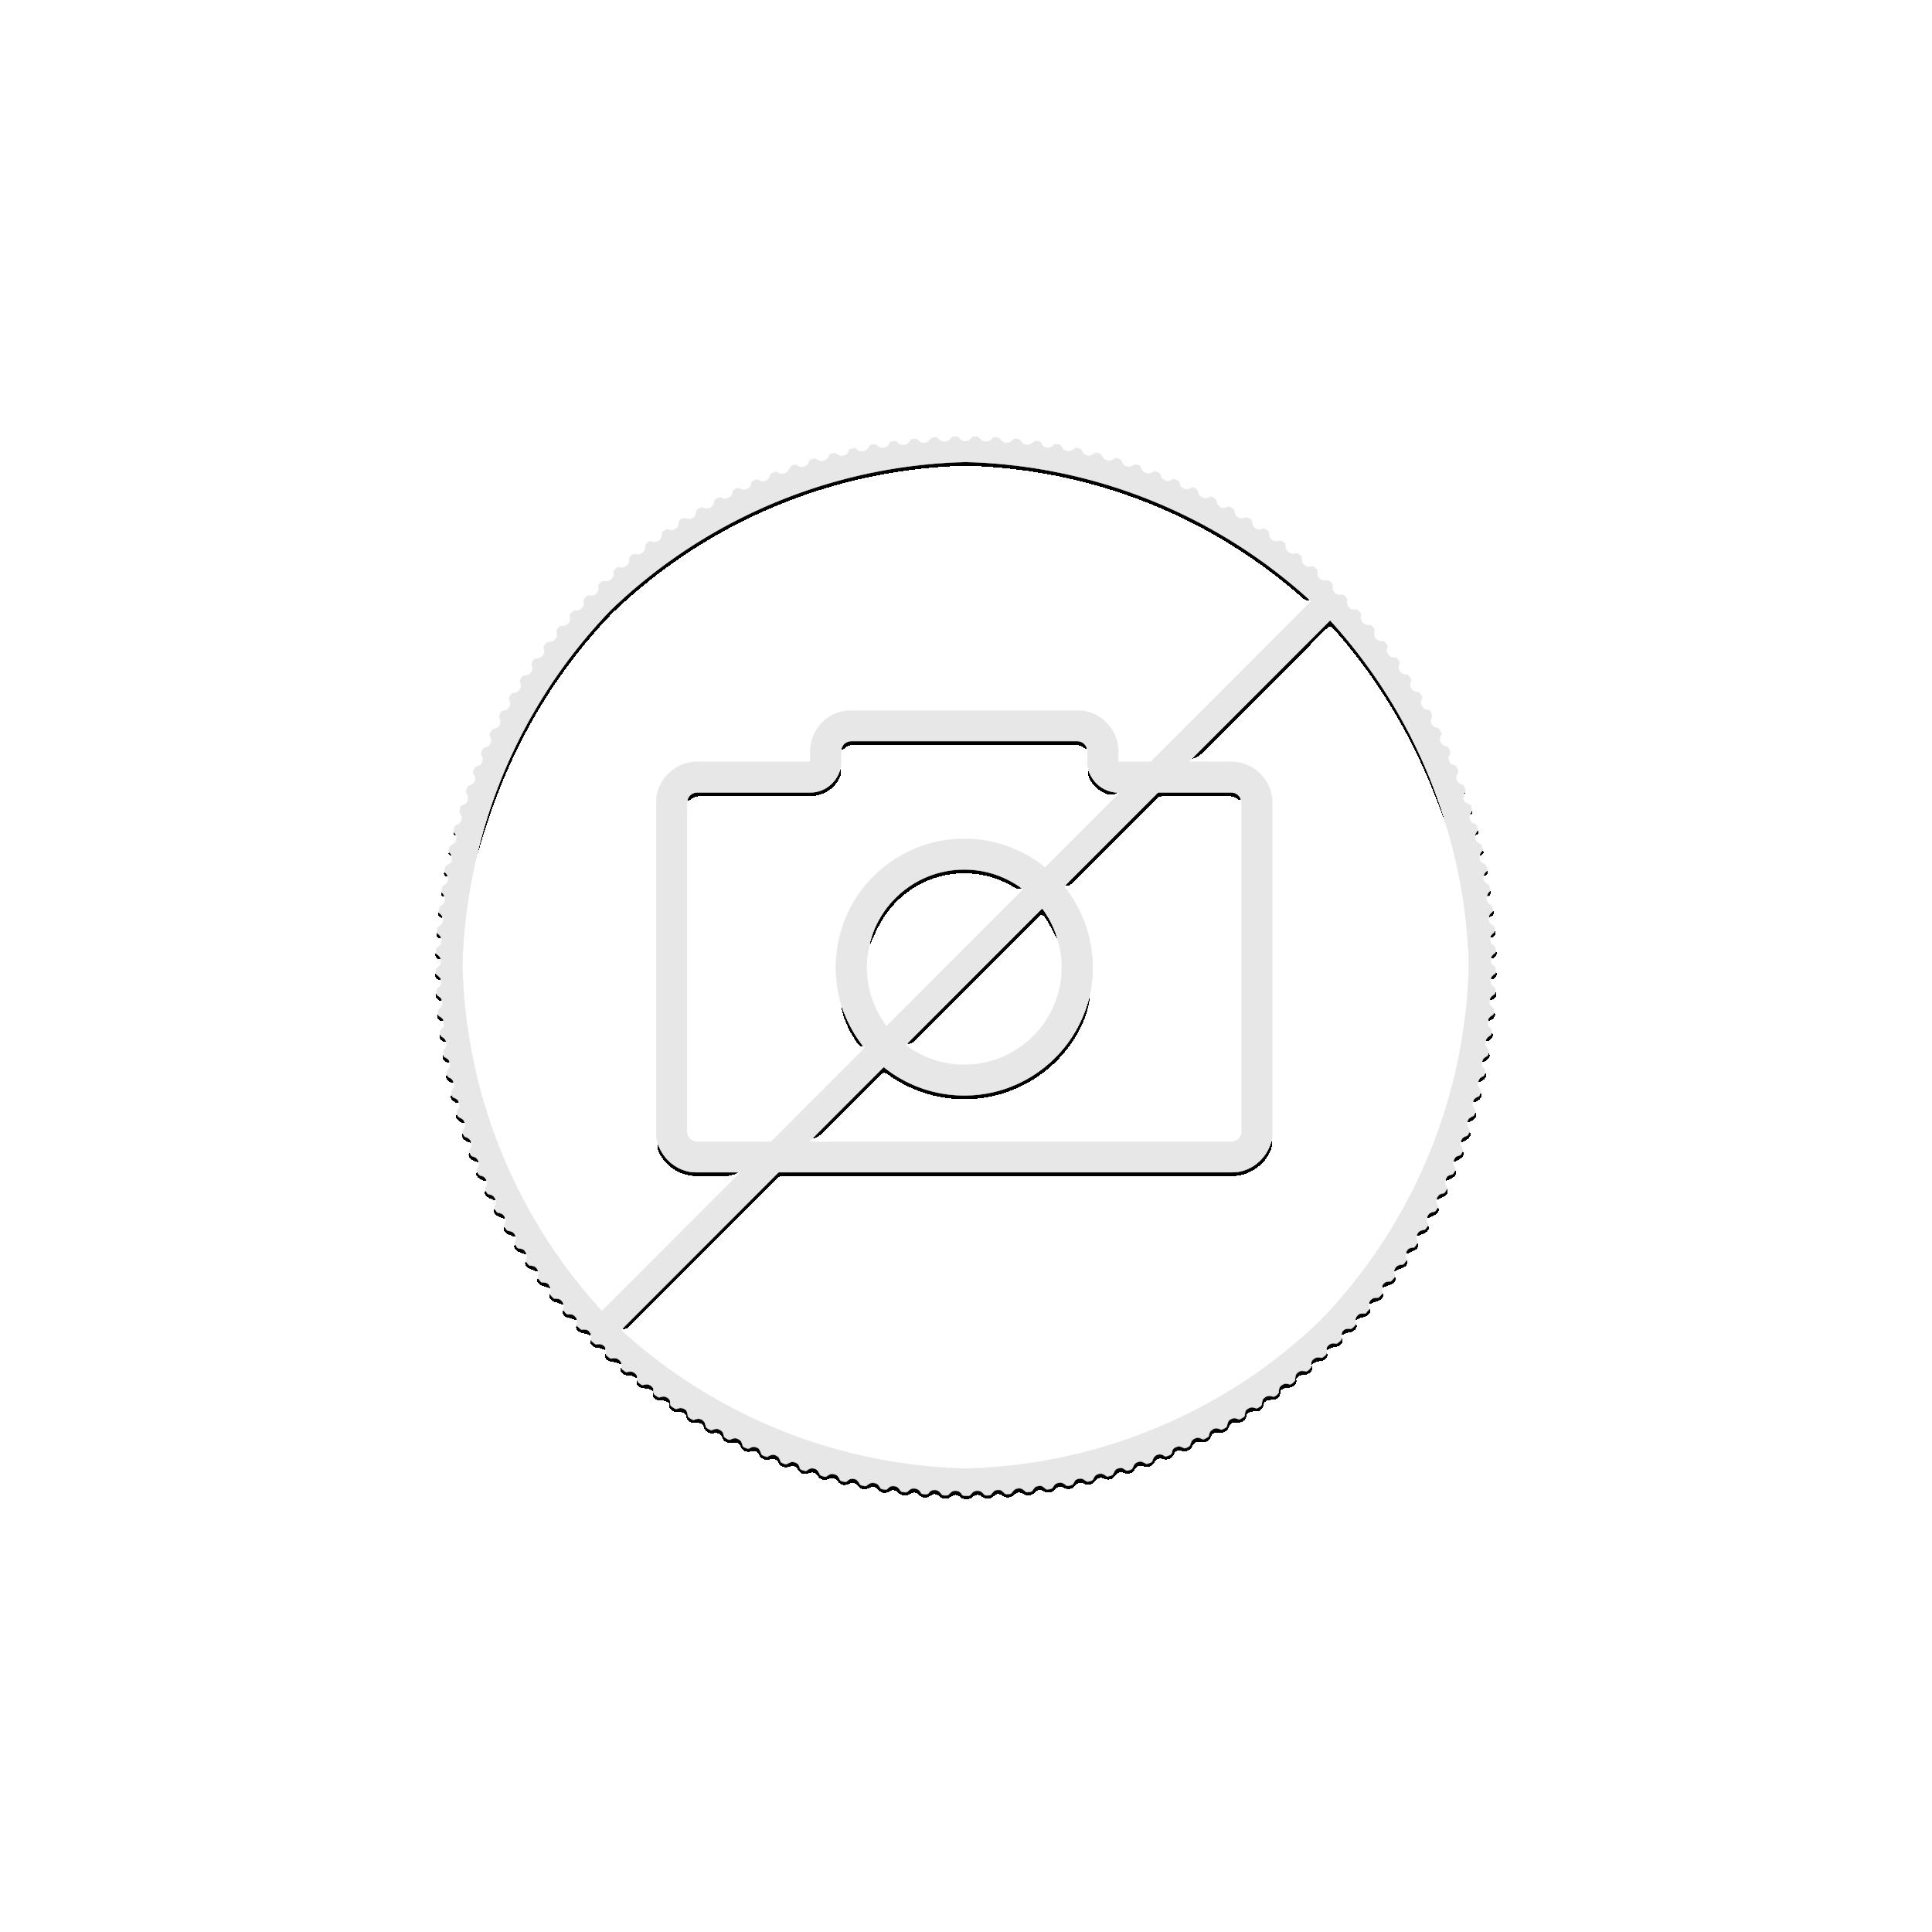 1 Troy ounce zilveren munt Disney Lunar jaar van de muis - geluk 2020